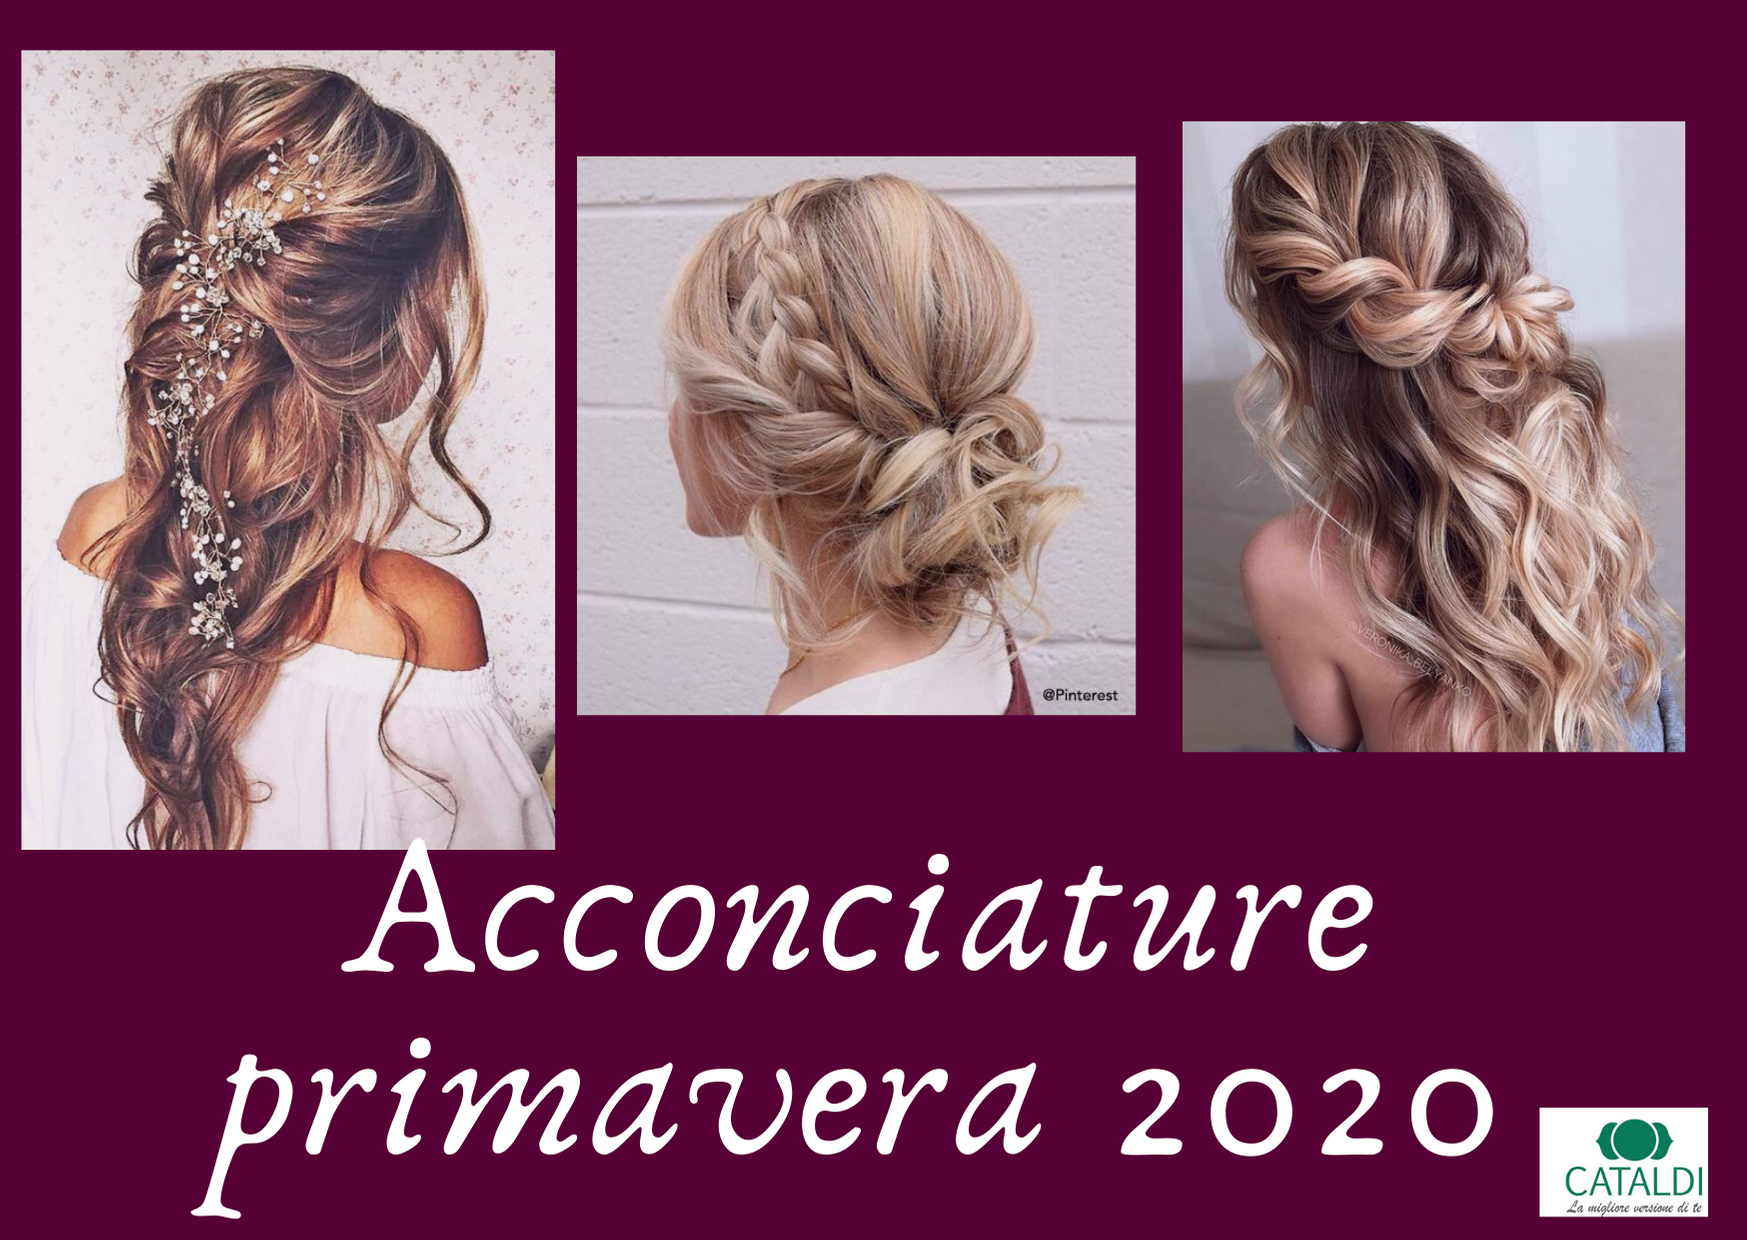 10 ACCONCIATURE PER LA PRIMAVERA 2020